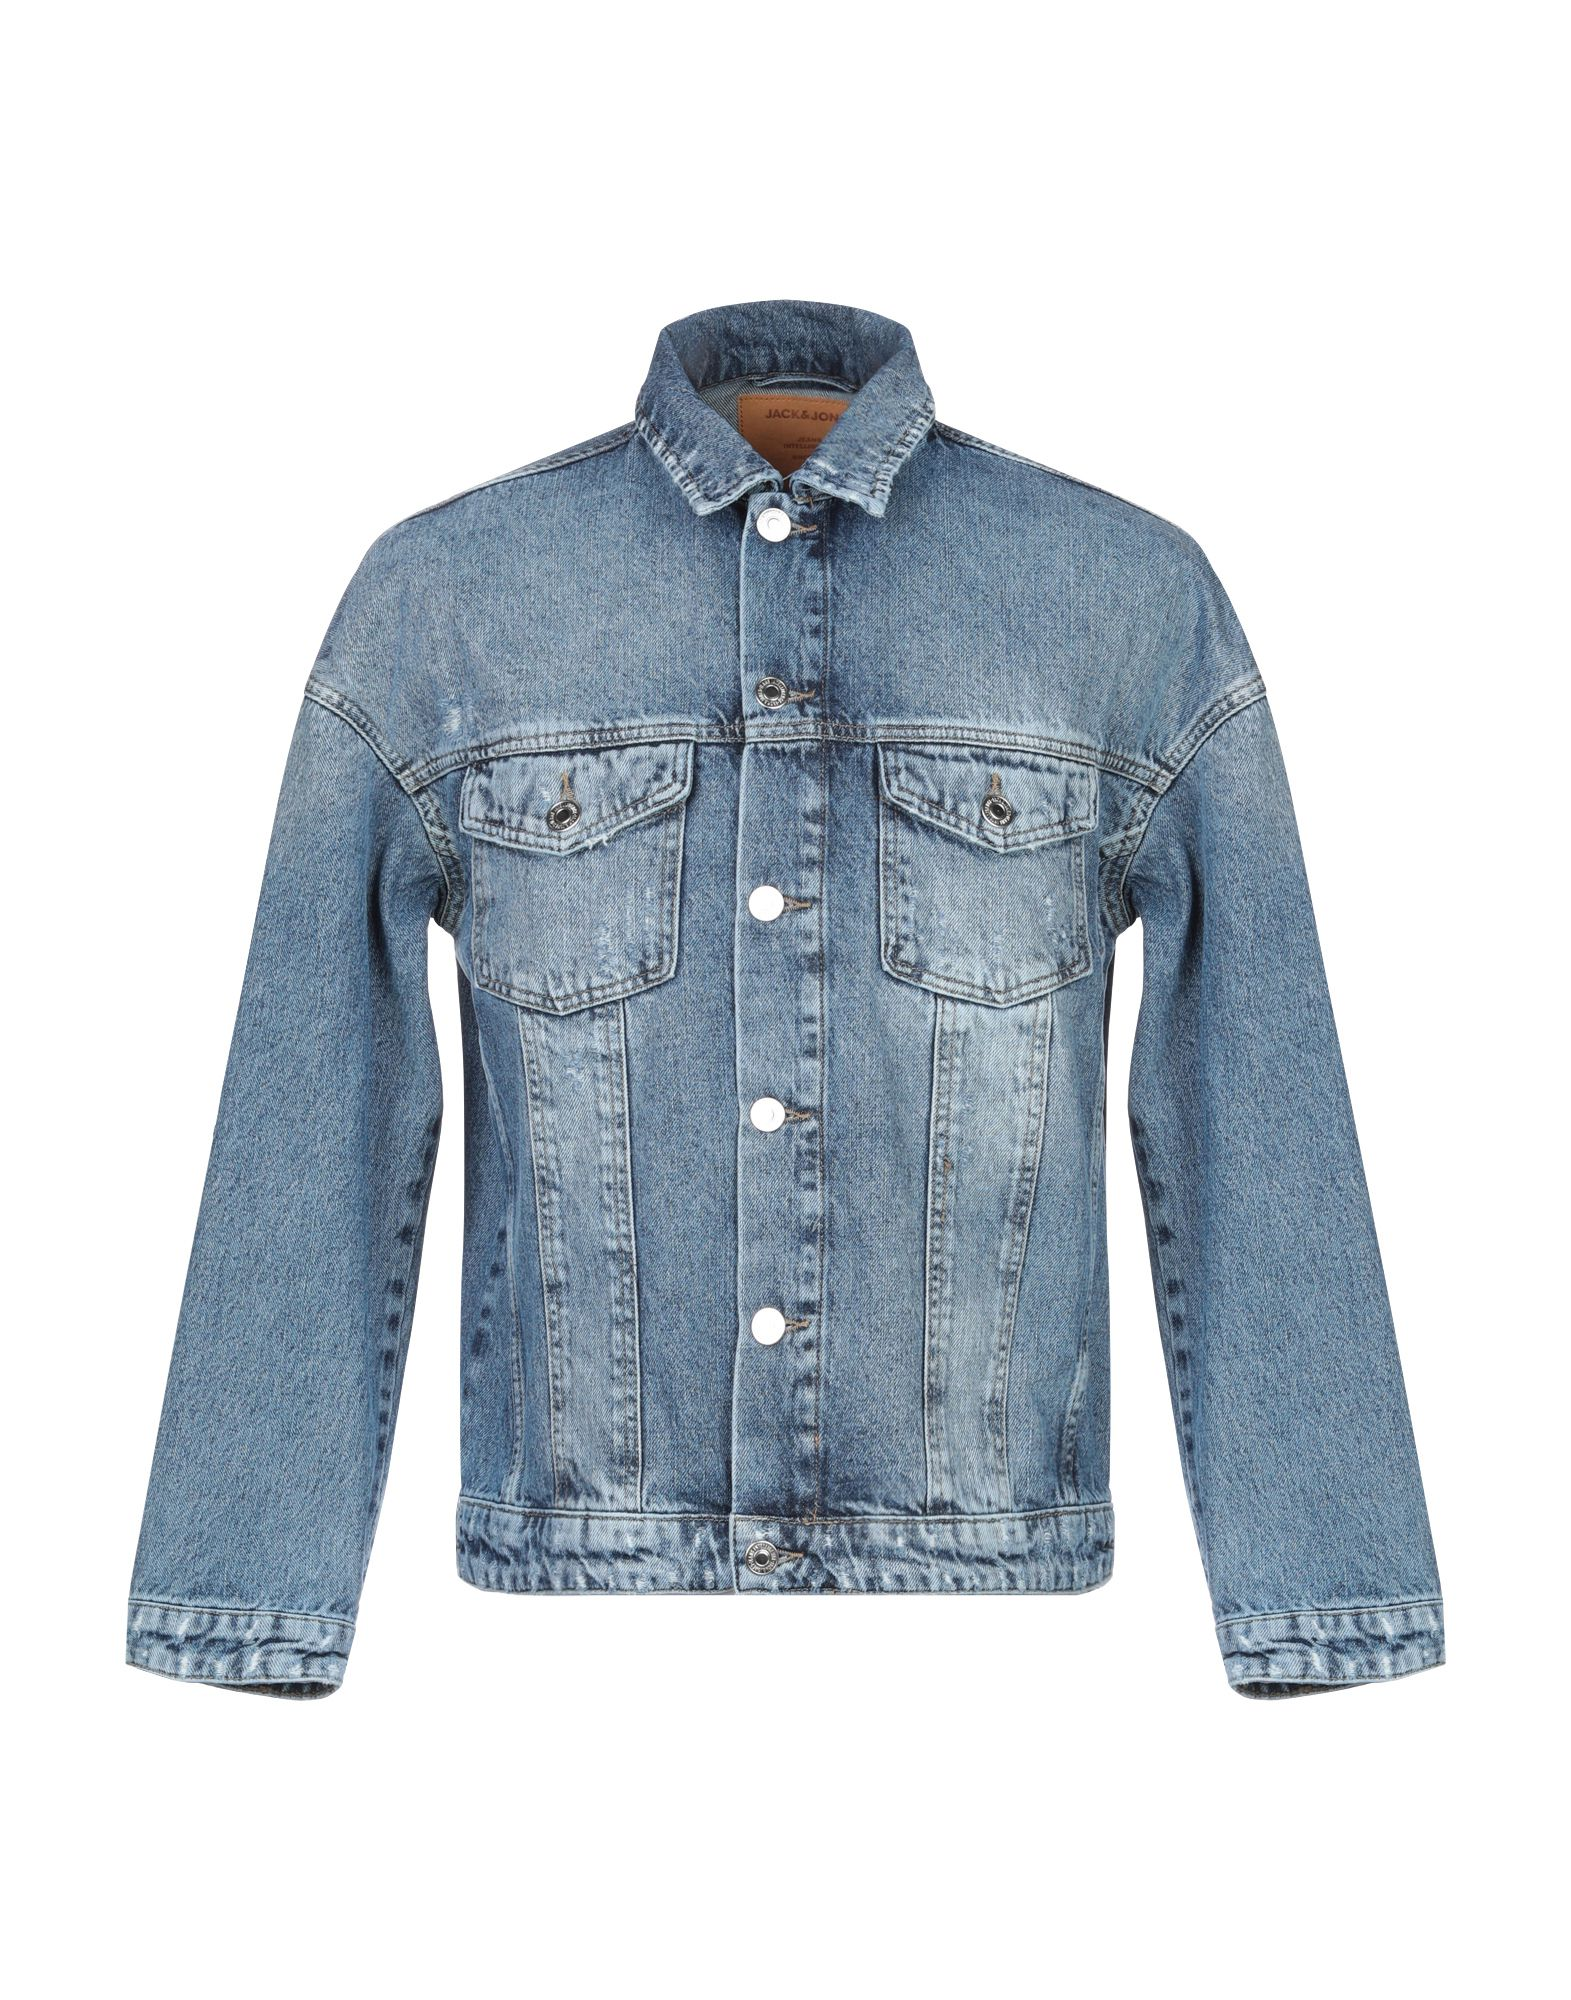 цена JACK & JONES Джинсовая верхняя одежда онлайн в 2017 году